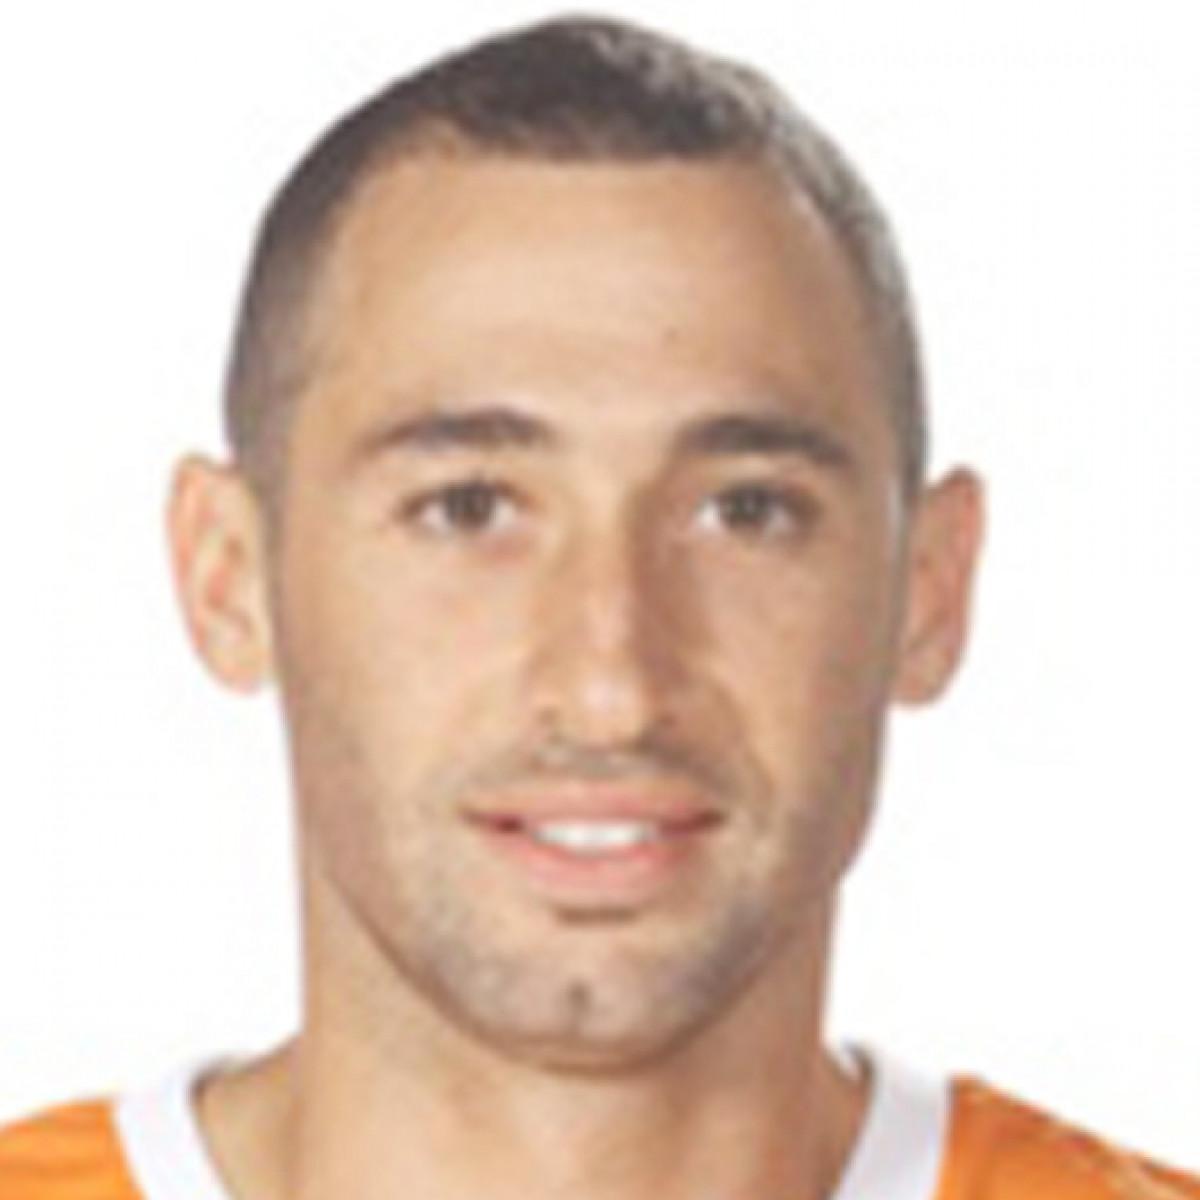 Oded Shaashoua